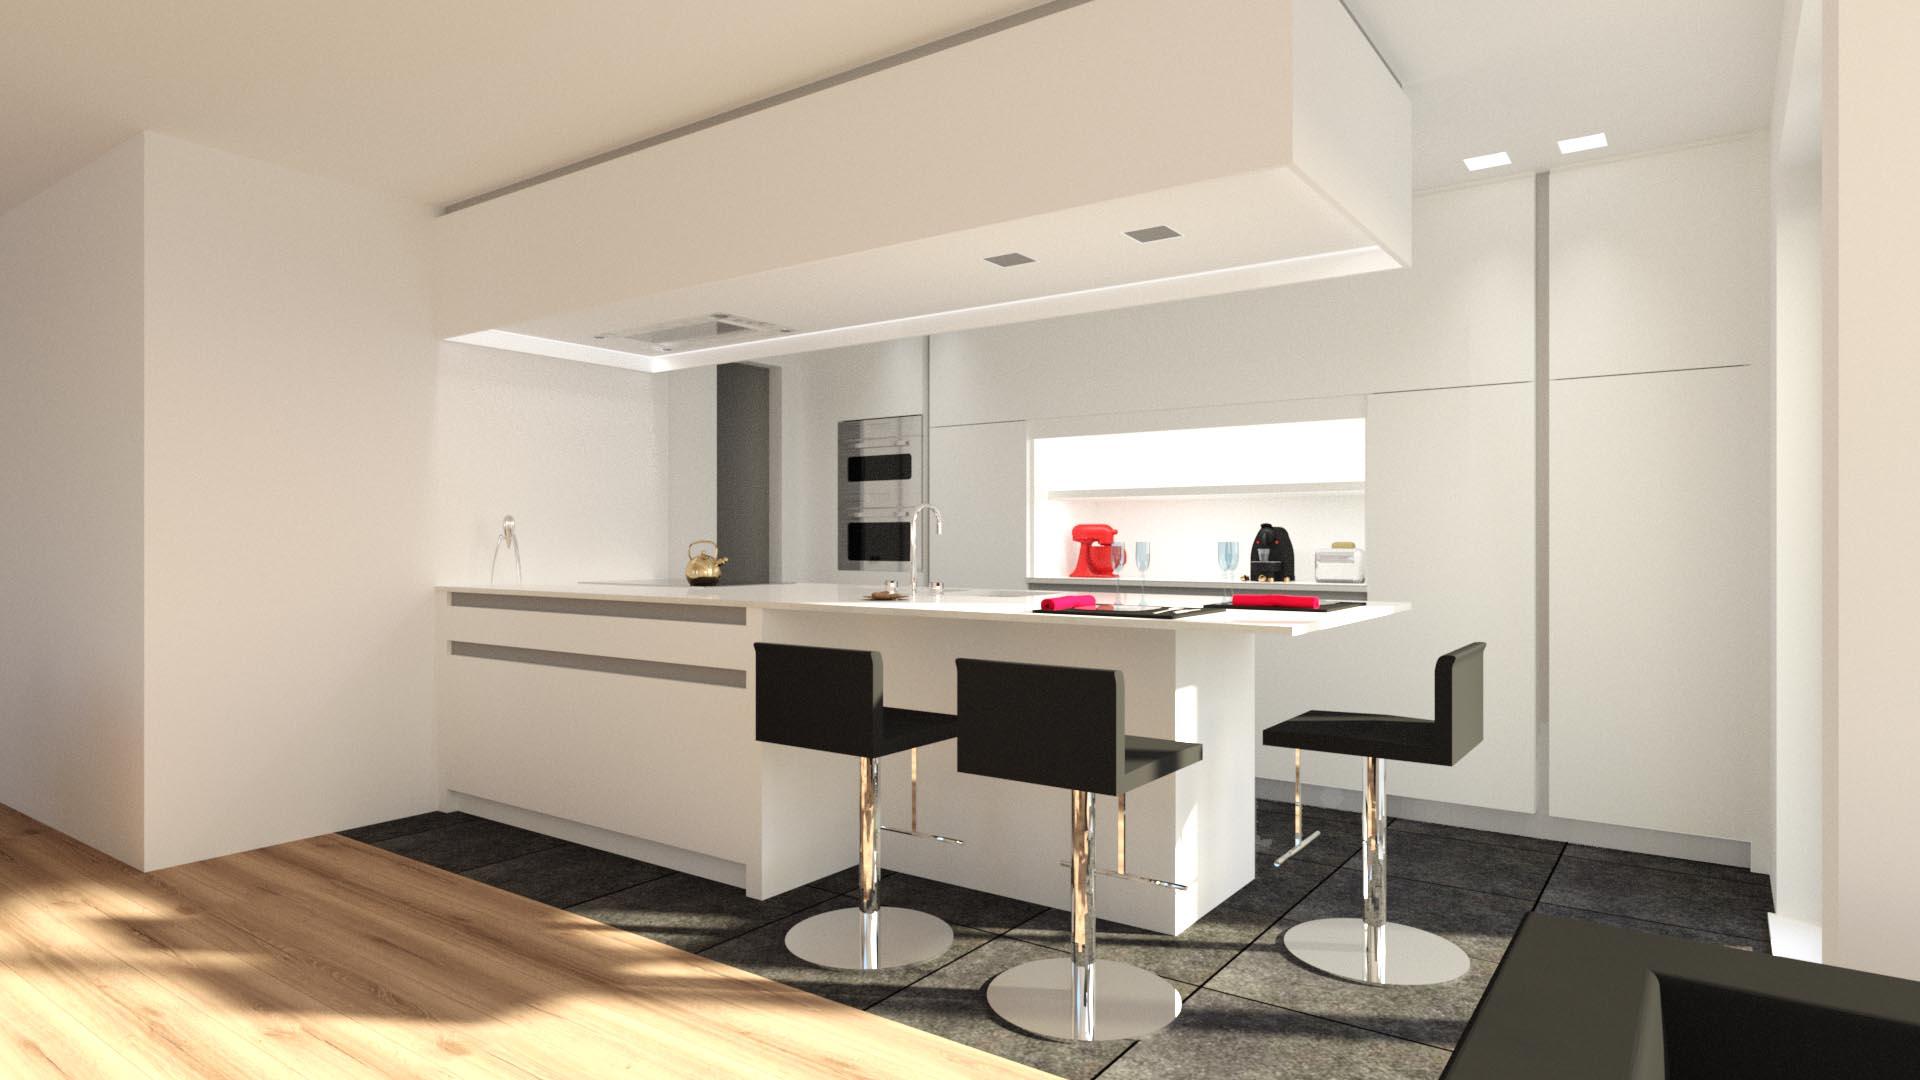 Keukenontwerp archieven md interior - Deco keuken ontwerp ...